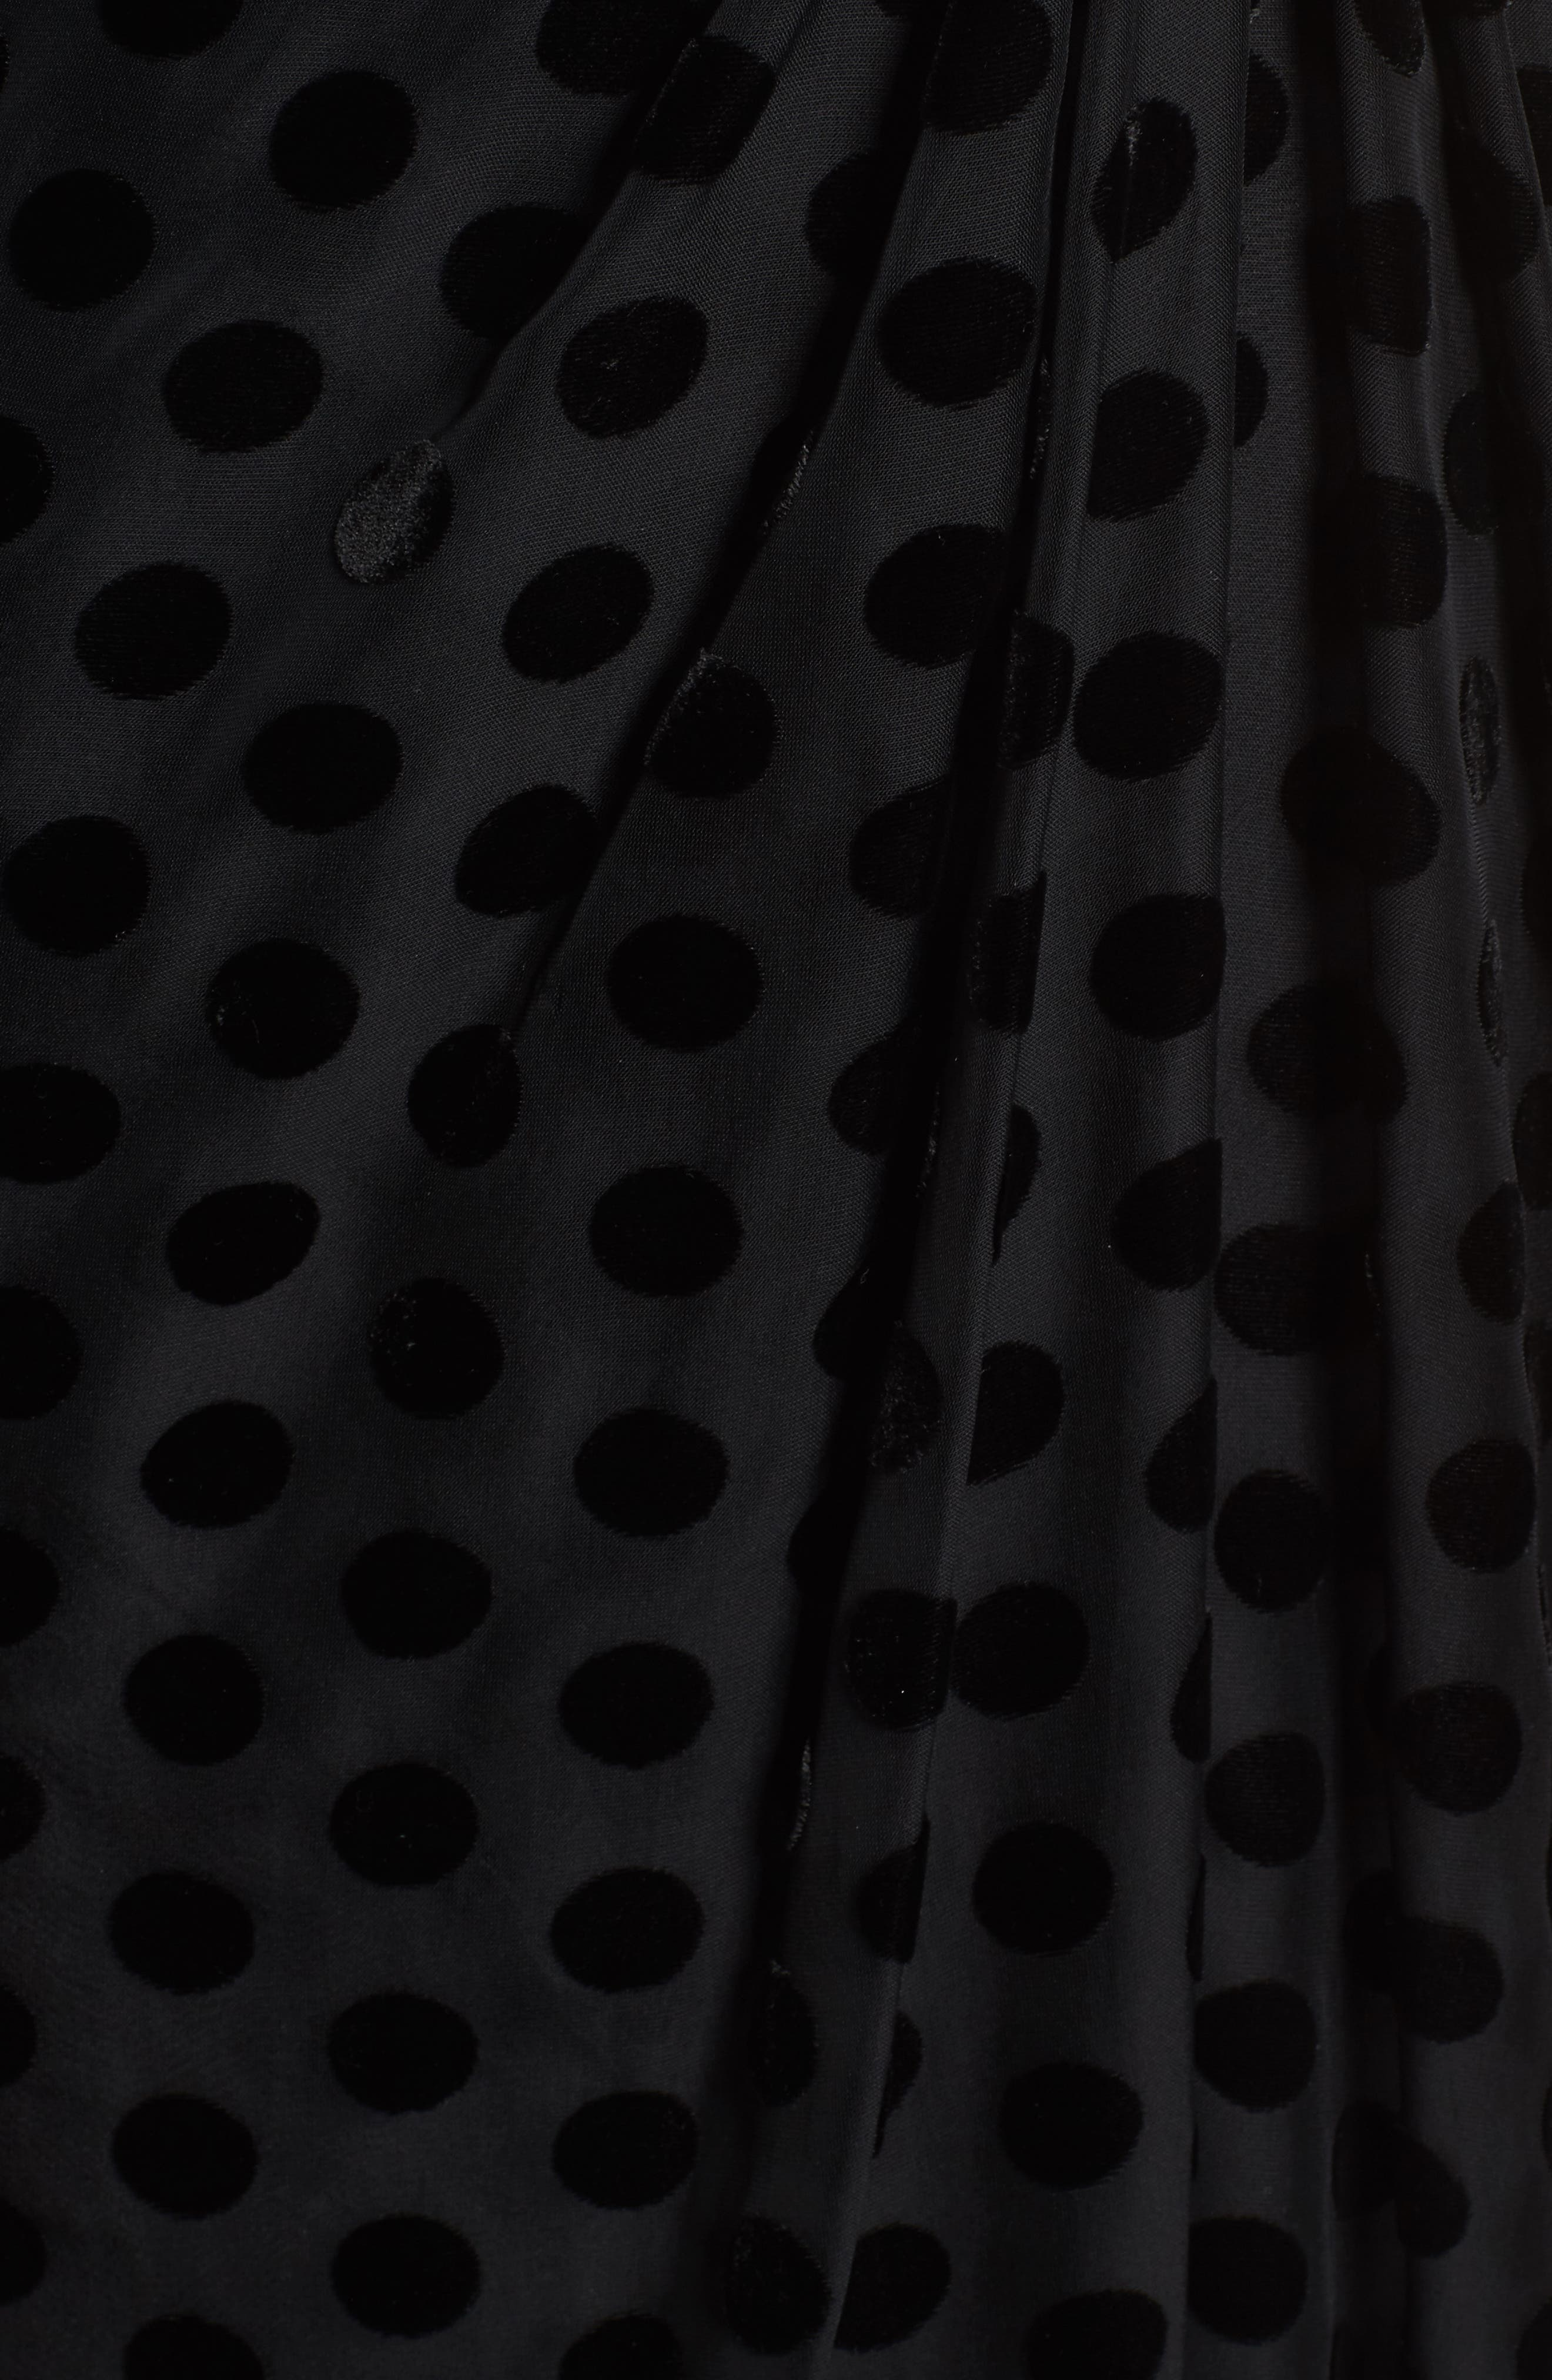 Exhale One Shoulder Polka Dot Dress,                             Alternate thumbnail 5, color,